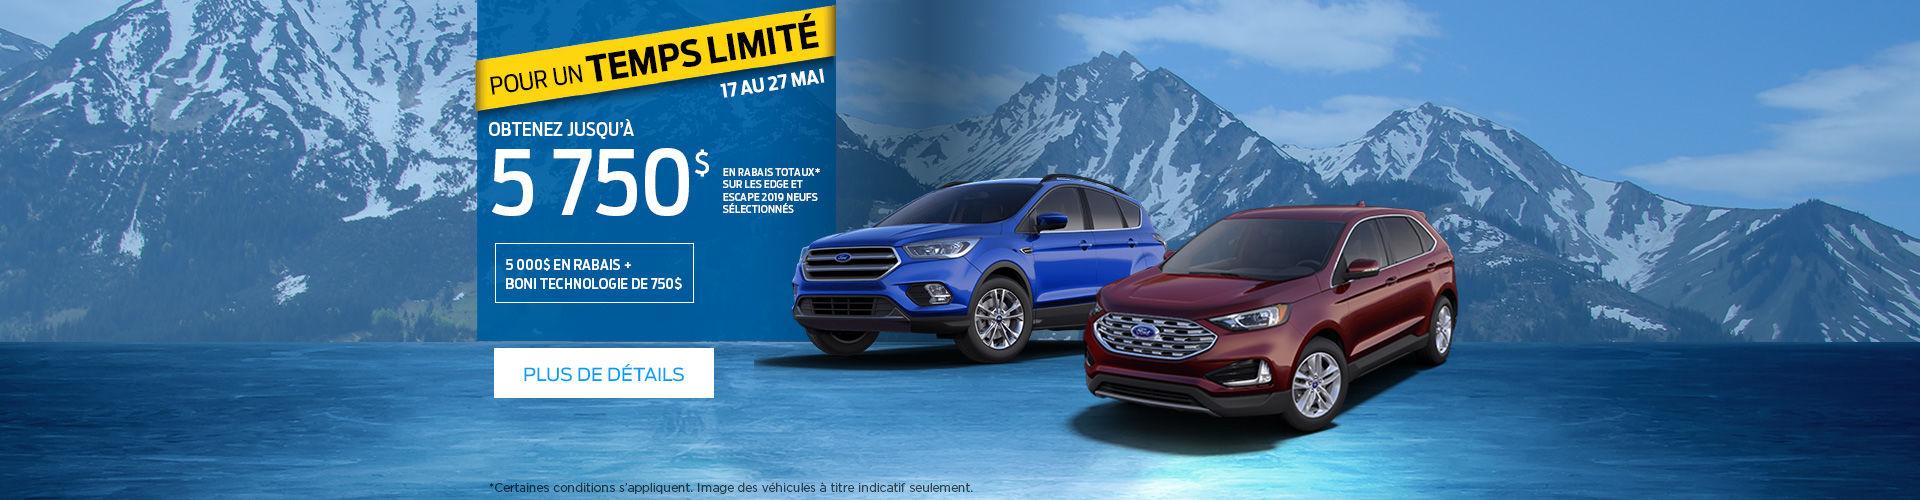 Événement Limité de Ford